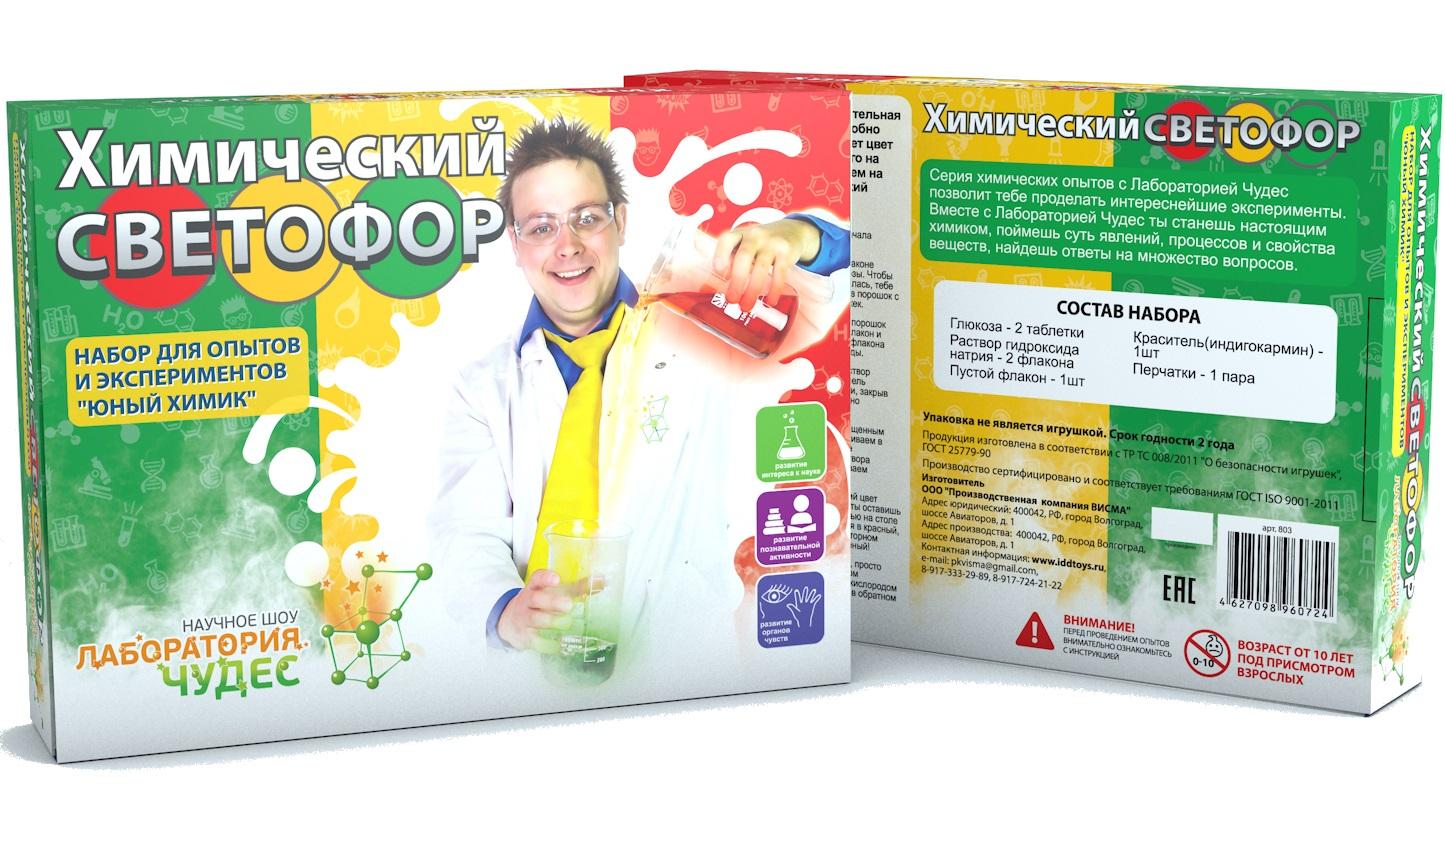 Набор «Юный химик», малый - Химический светофор. Опыты и экспериментыЮный химик/физик (наборы для экспериментов)<br>Набор «Юный химик», малый - Химический светофор. Опыты и эксперименты<br>